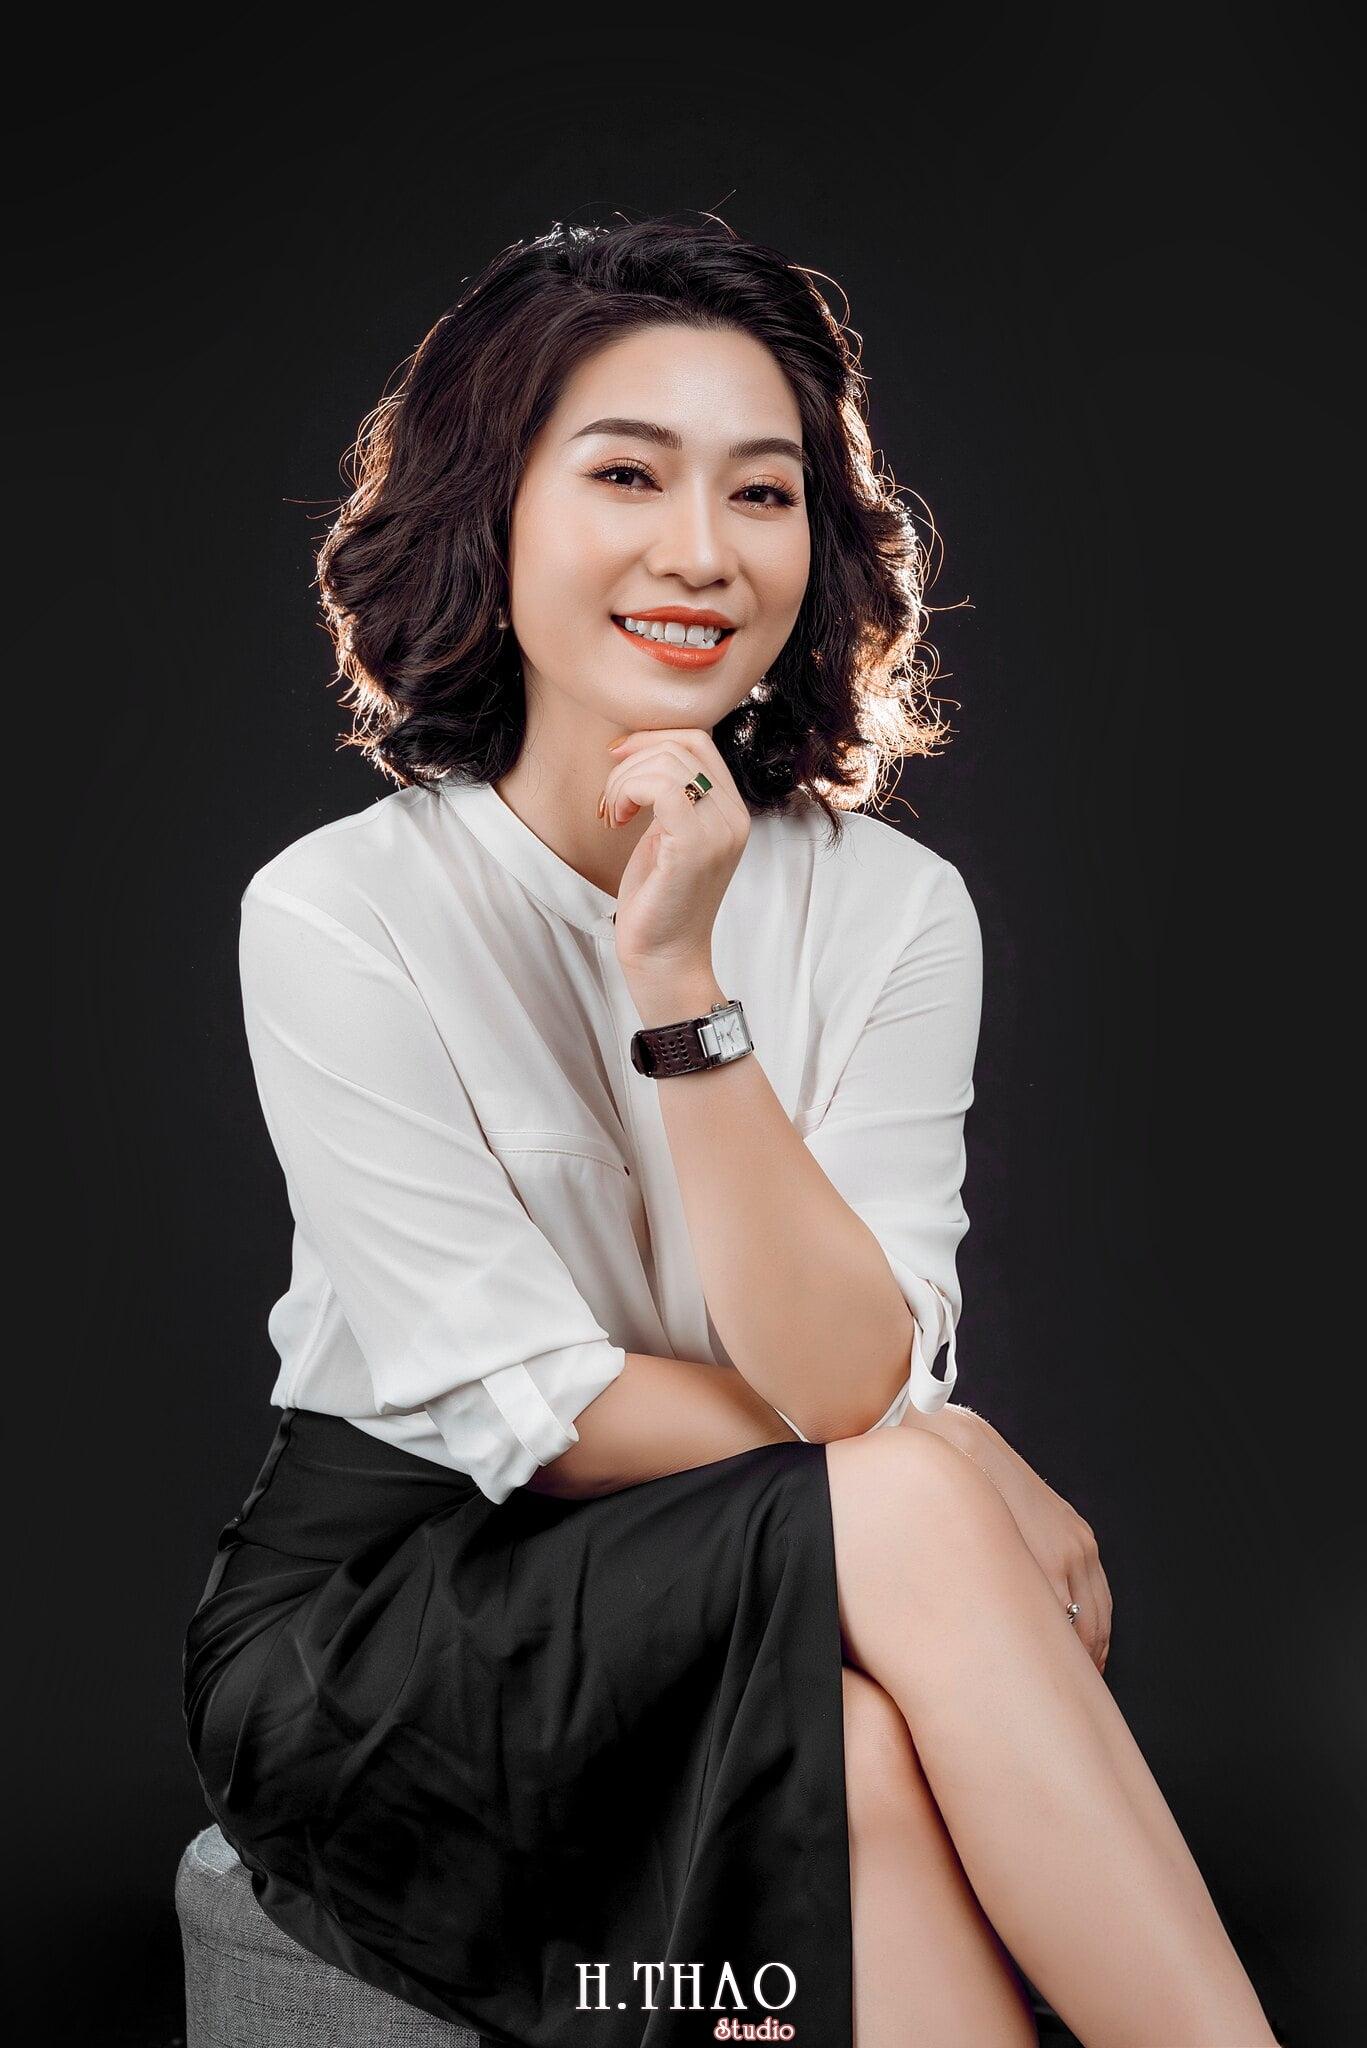 Doanh nhan nu 15 - Chụp ảnh nữ doanh nhân Lan Nguyễn tại HThao Studio – Tp.HCM